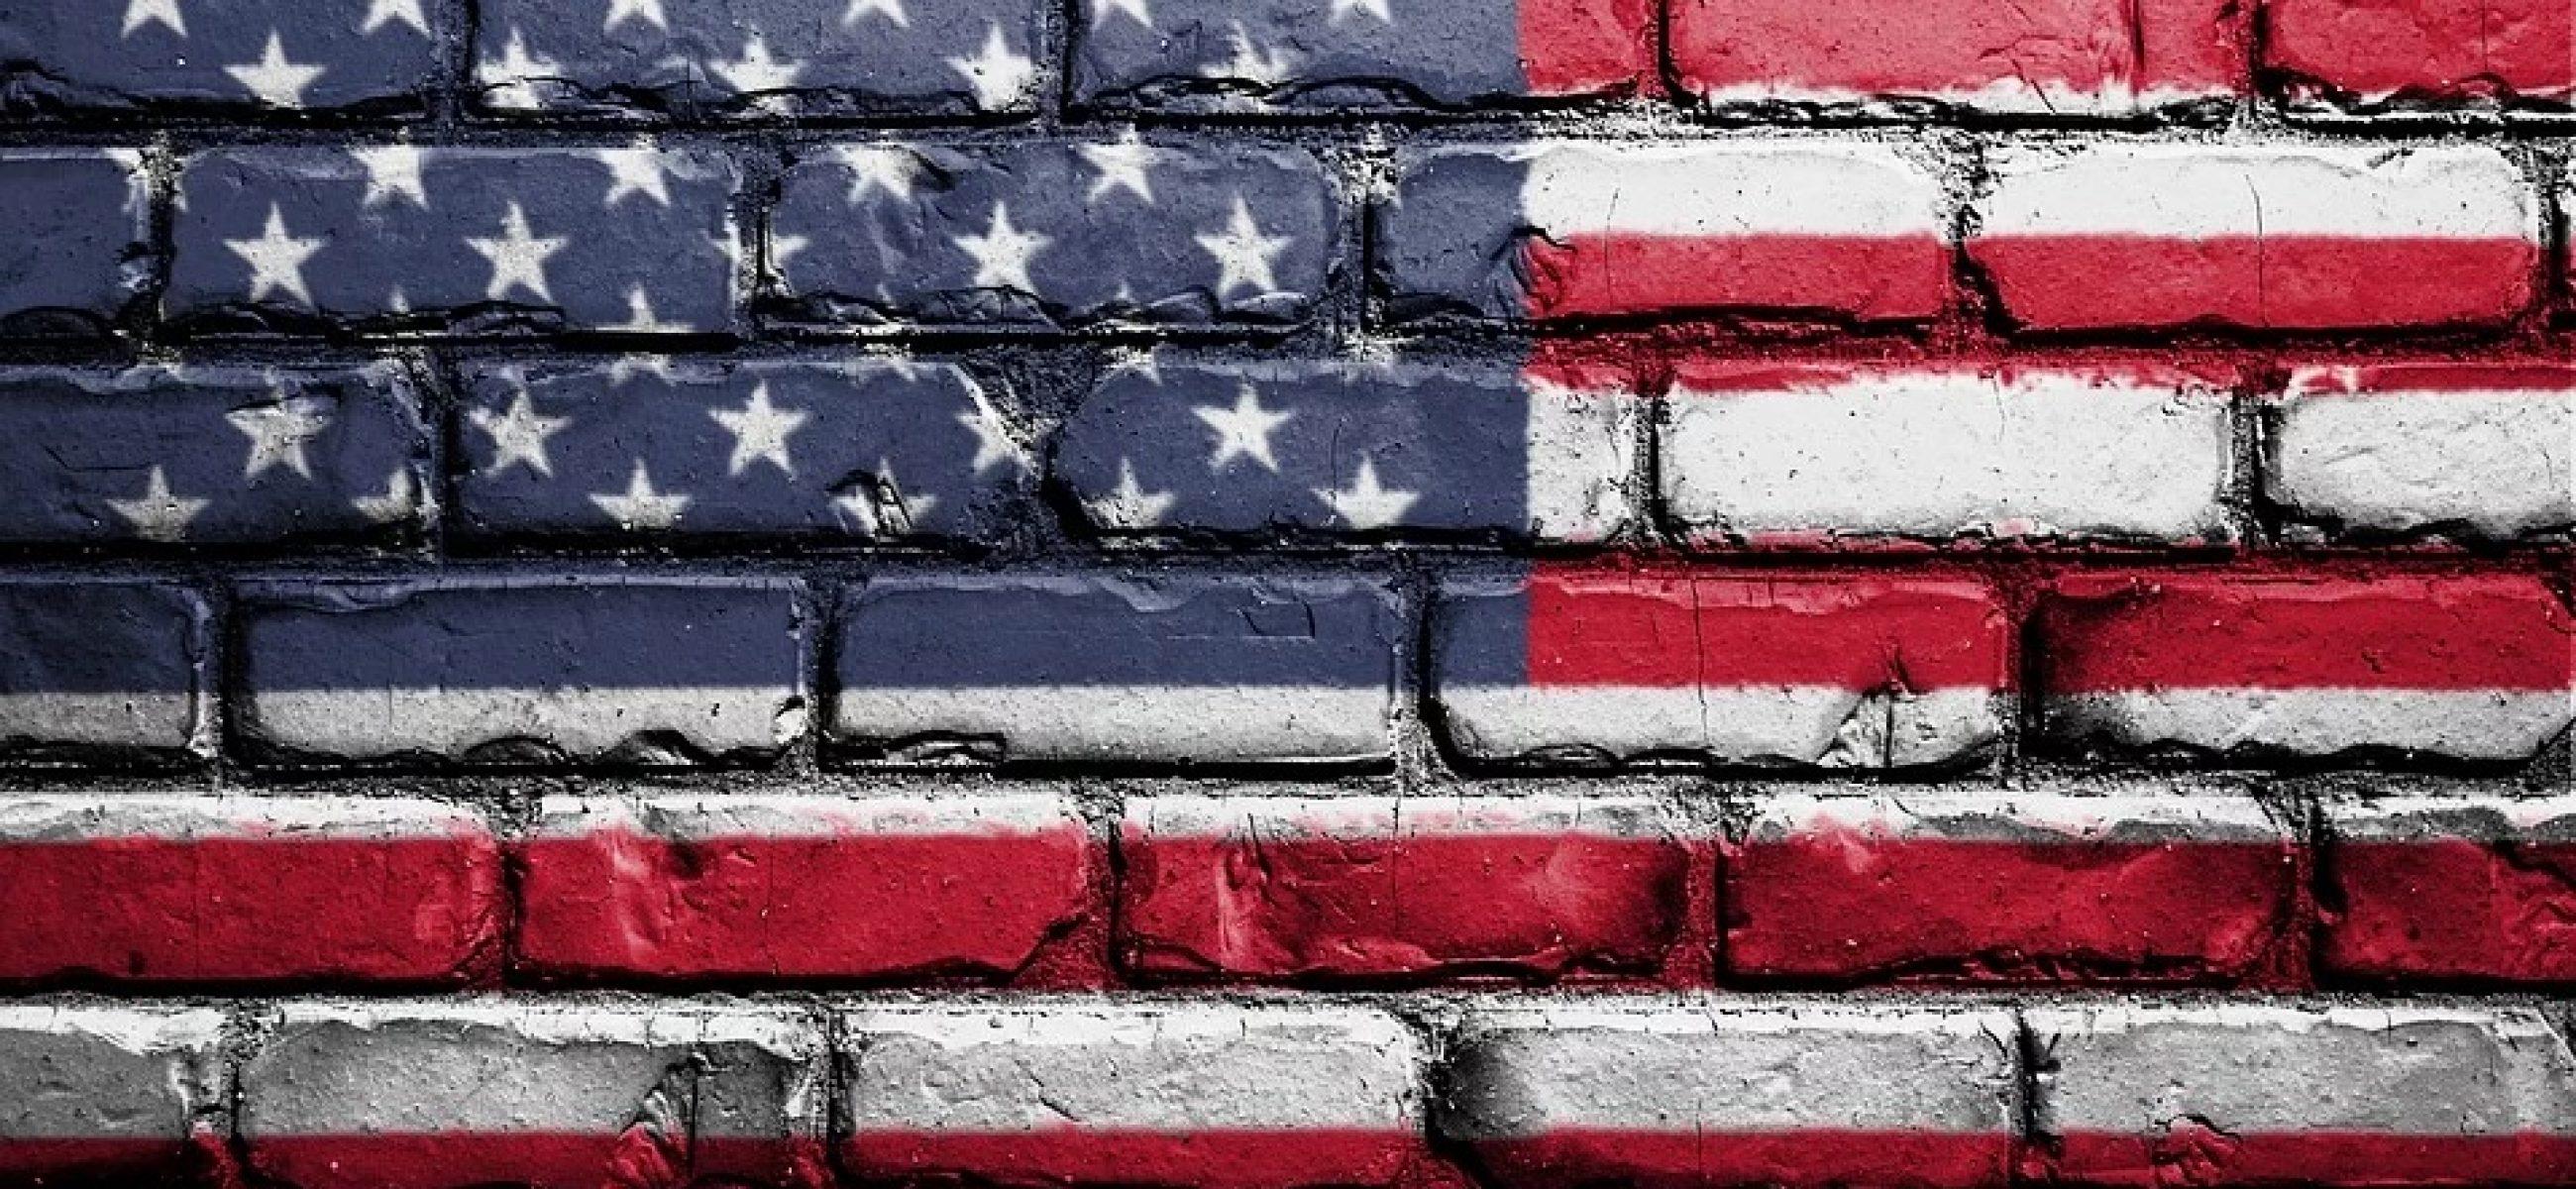 """תושב ישראל (אזרח אמריקאי) המקבל פנסיה או קצבה (IRA) מארה""""ב"""